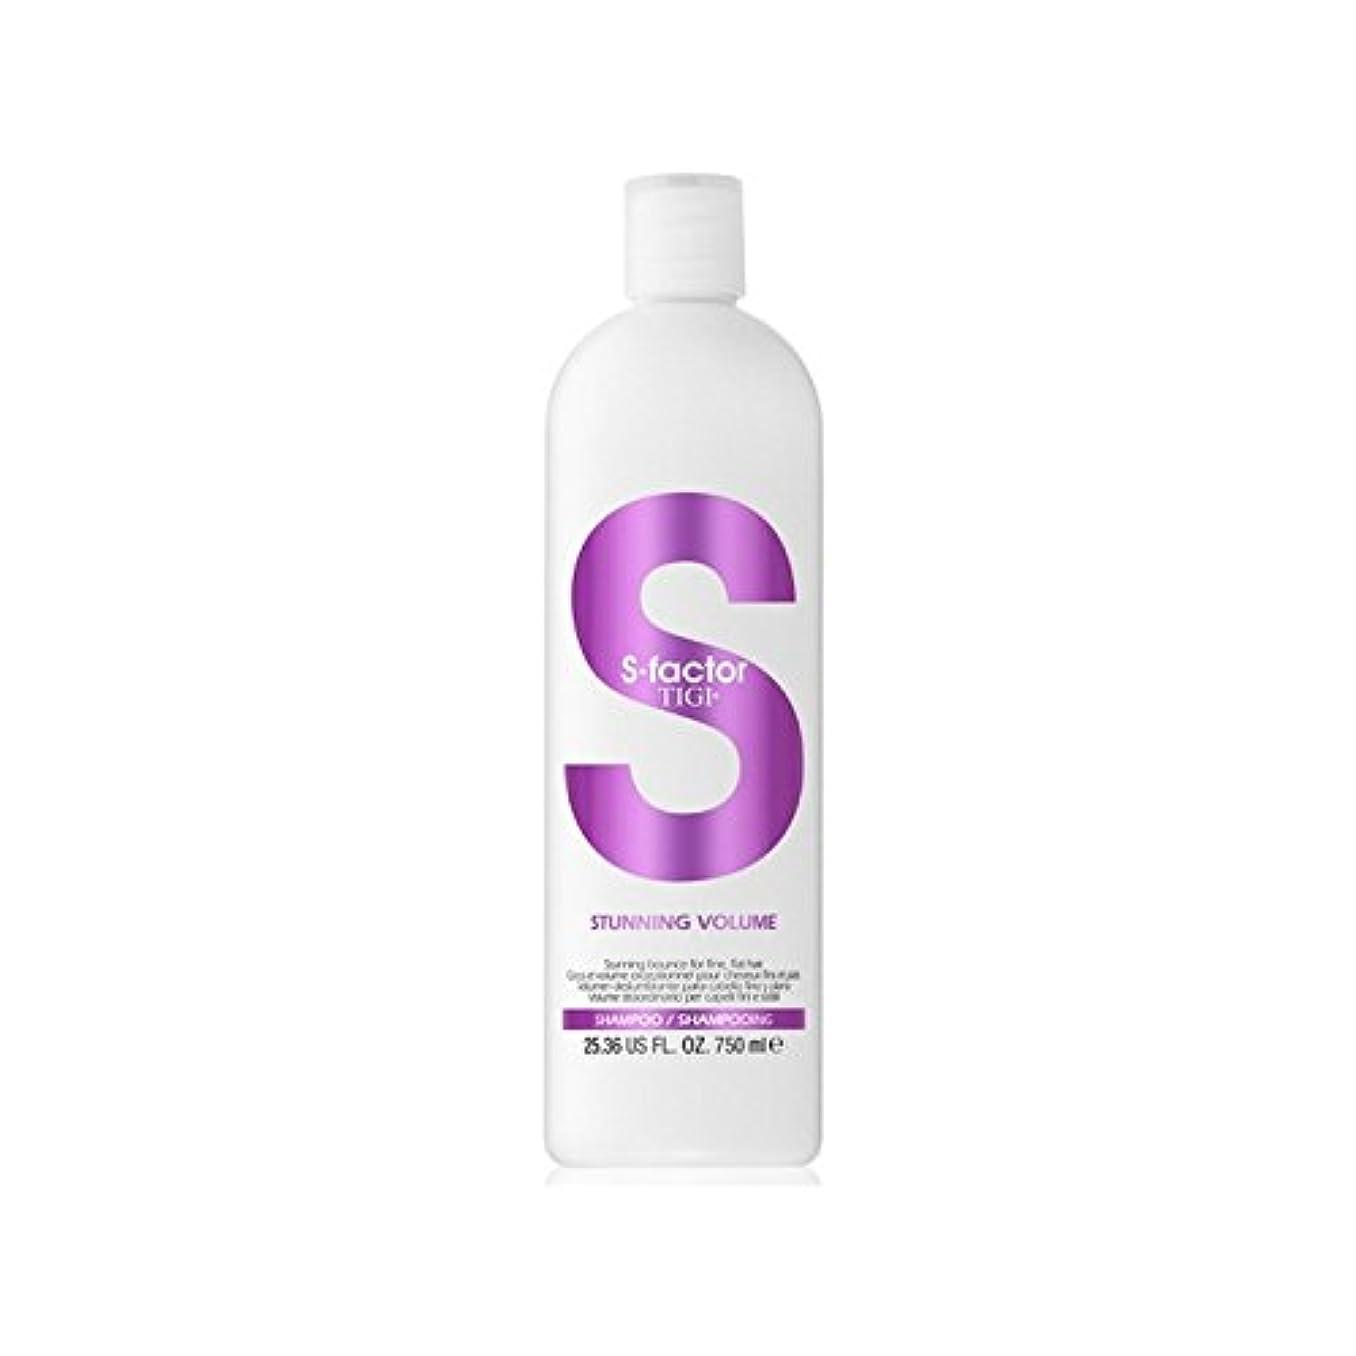 繕う構成ミントティジーファクター見事なボリュームシャンプー750ミリリットル x2 - Tigi S-Factor Stunning Volume Shampoo 750ml (Pack of 2) [並行輸入品]